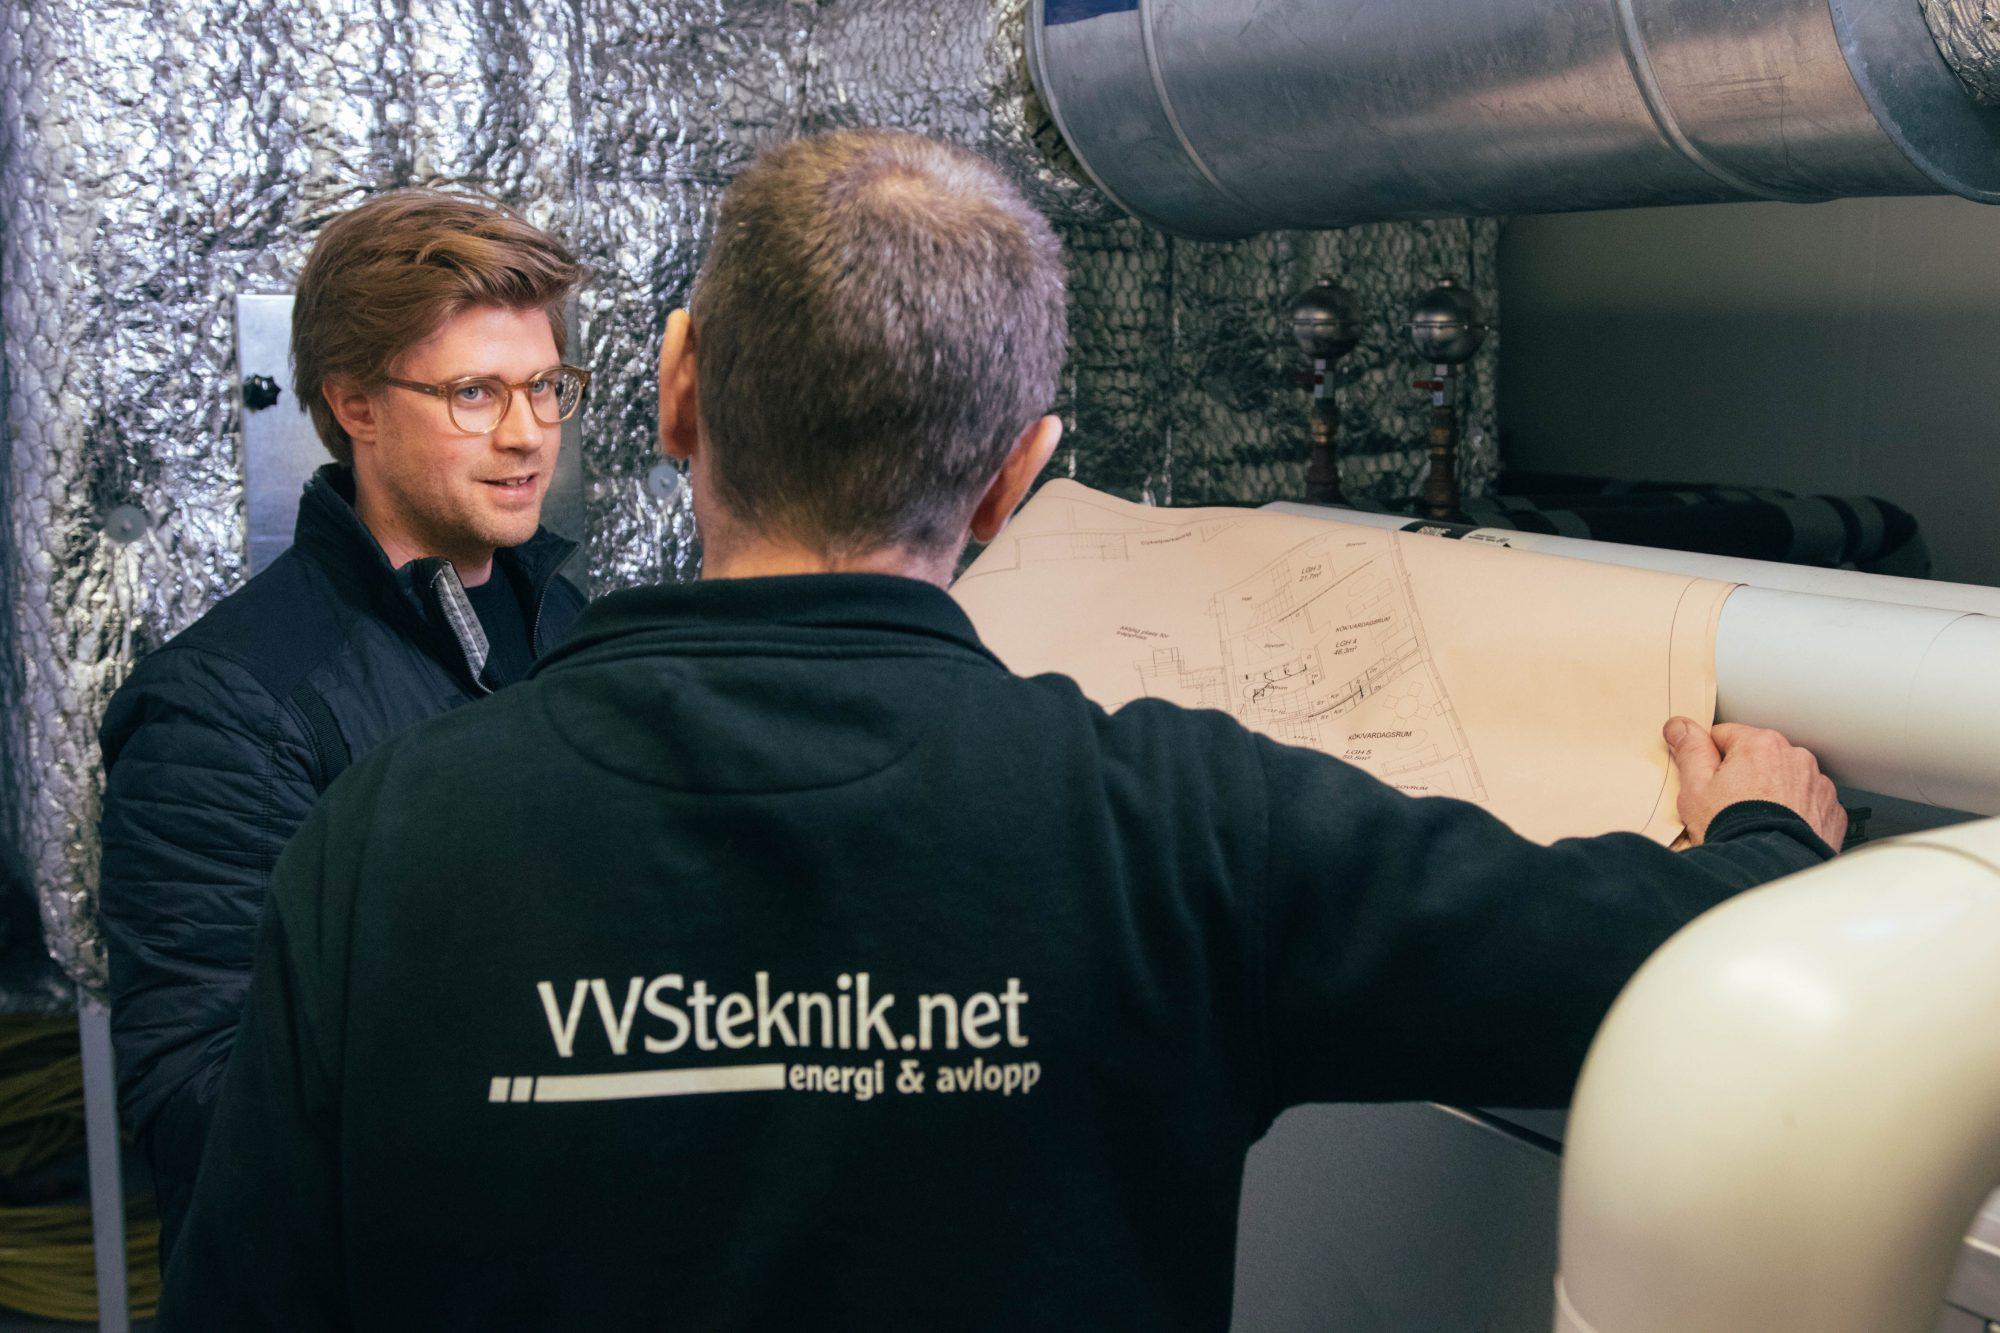 Rörinspektion & infodring - VVSteknik